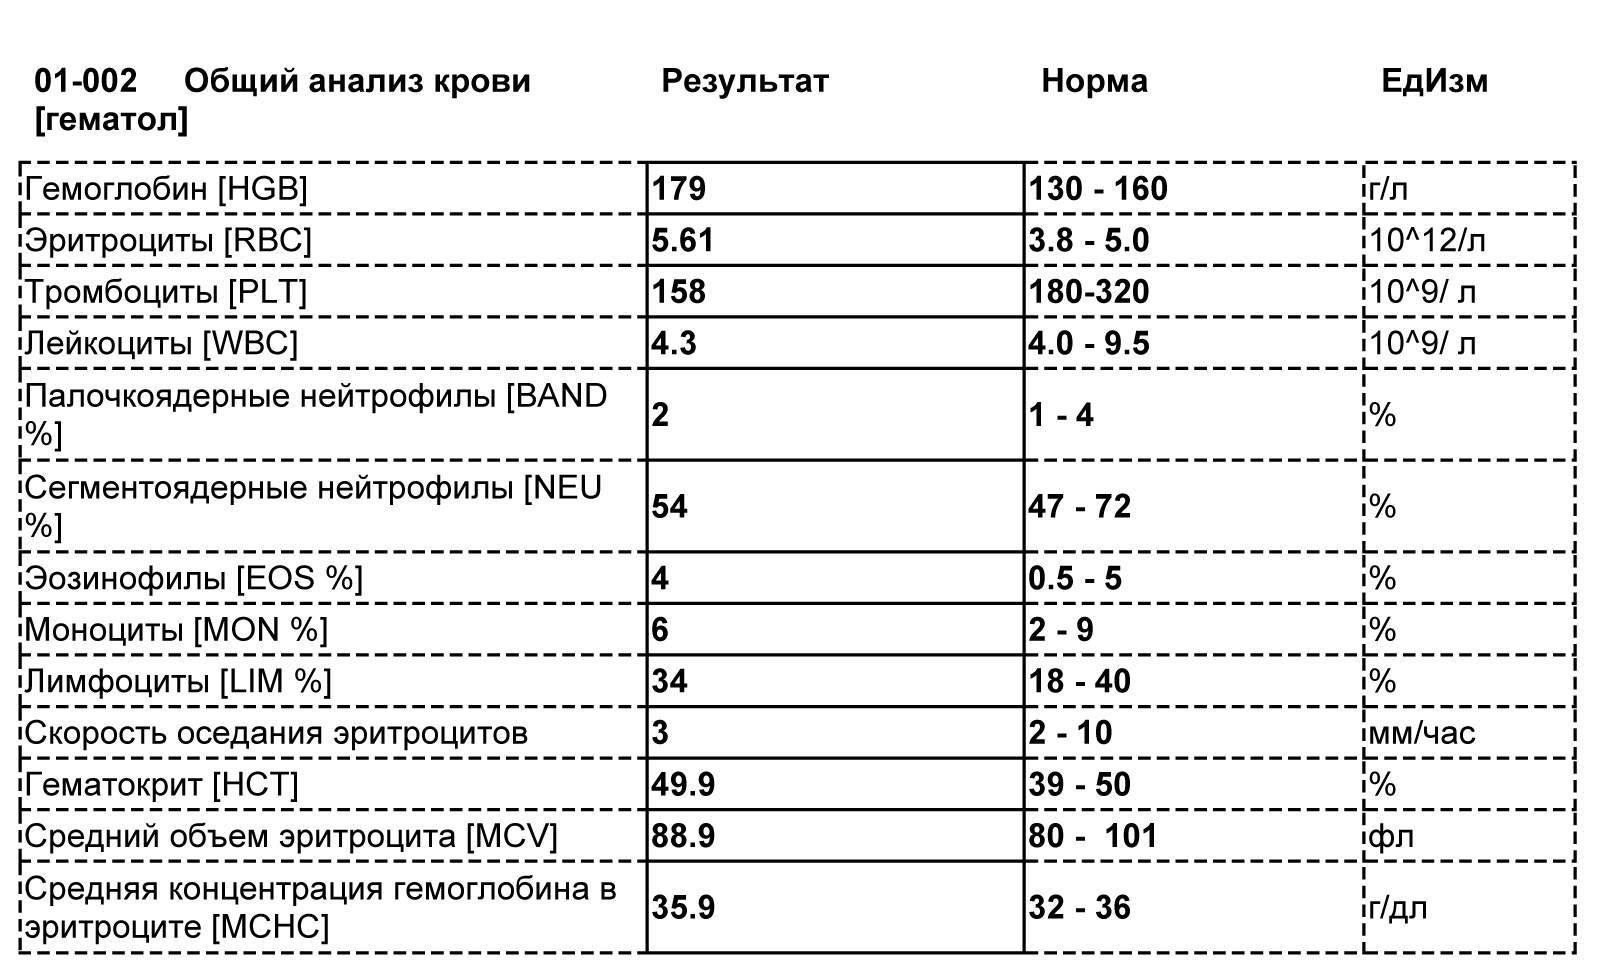 Уровень тромбоцитов в показателе plt анализа крови